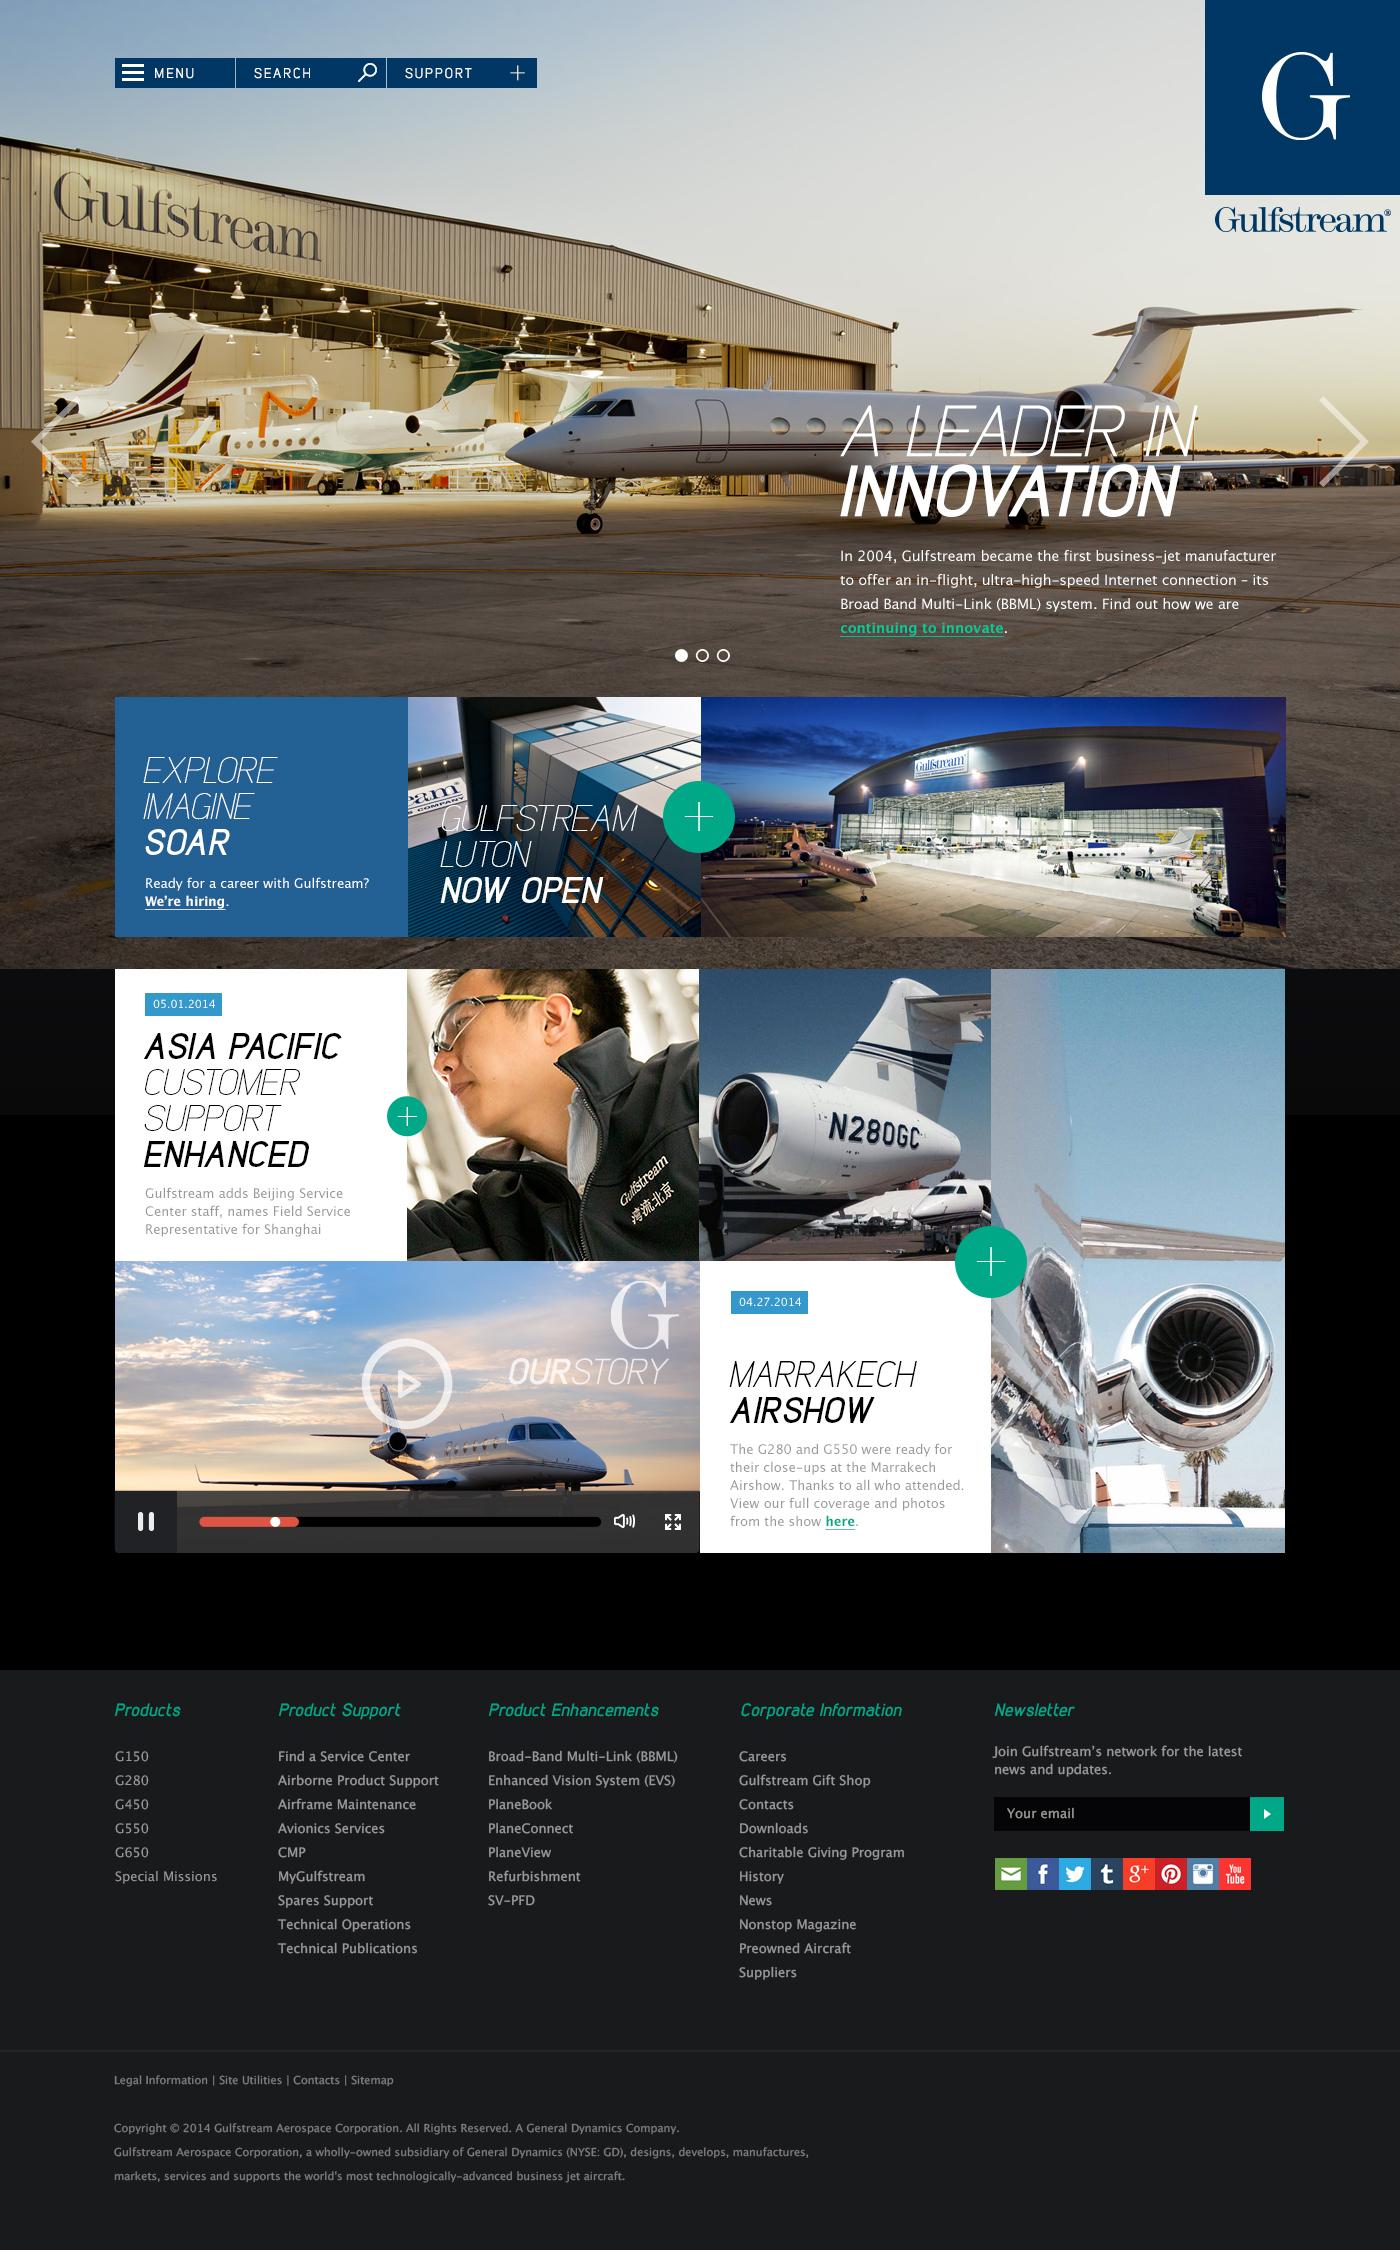 Gulfstream ResponsiveWeb Idea